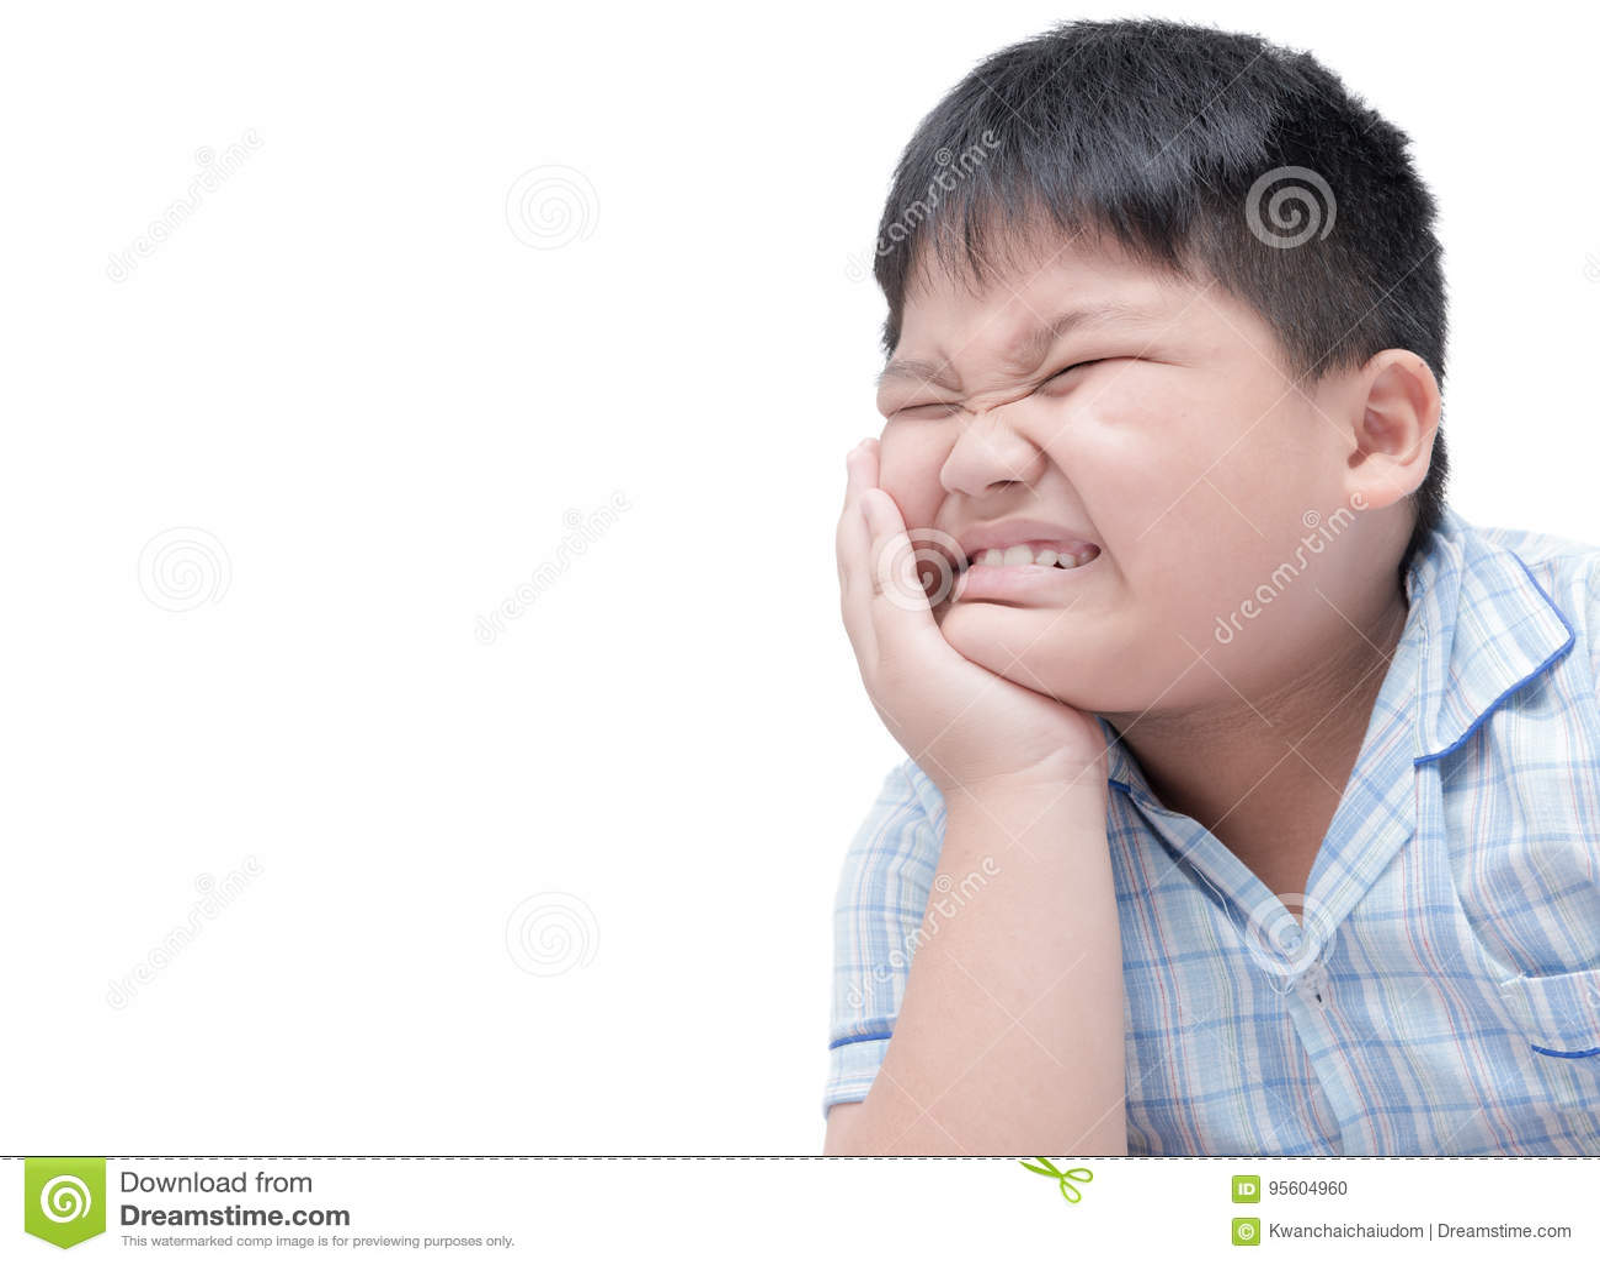 遭受牙痛 遭受牙痛的肥胖肥胖男孩